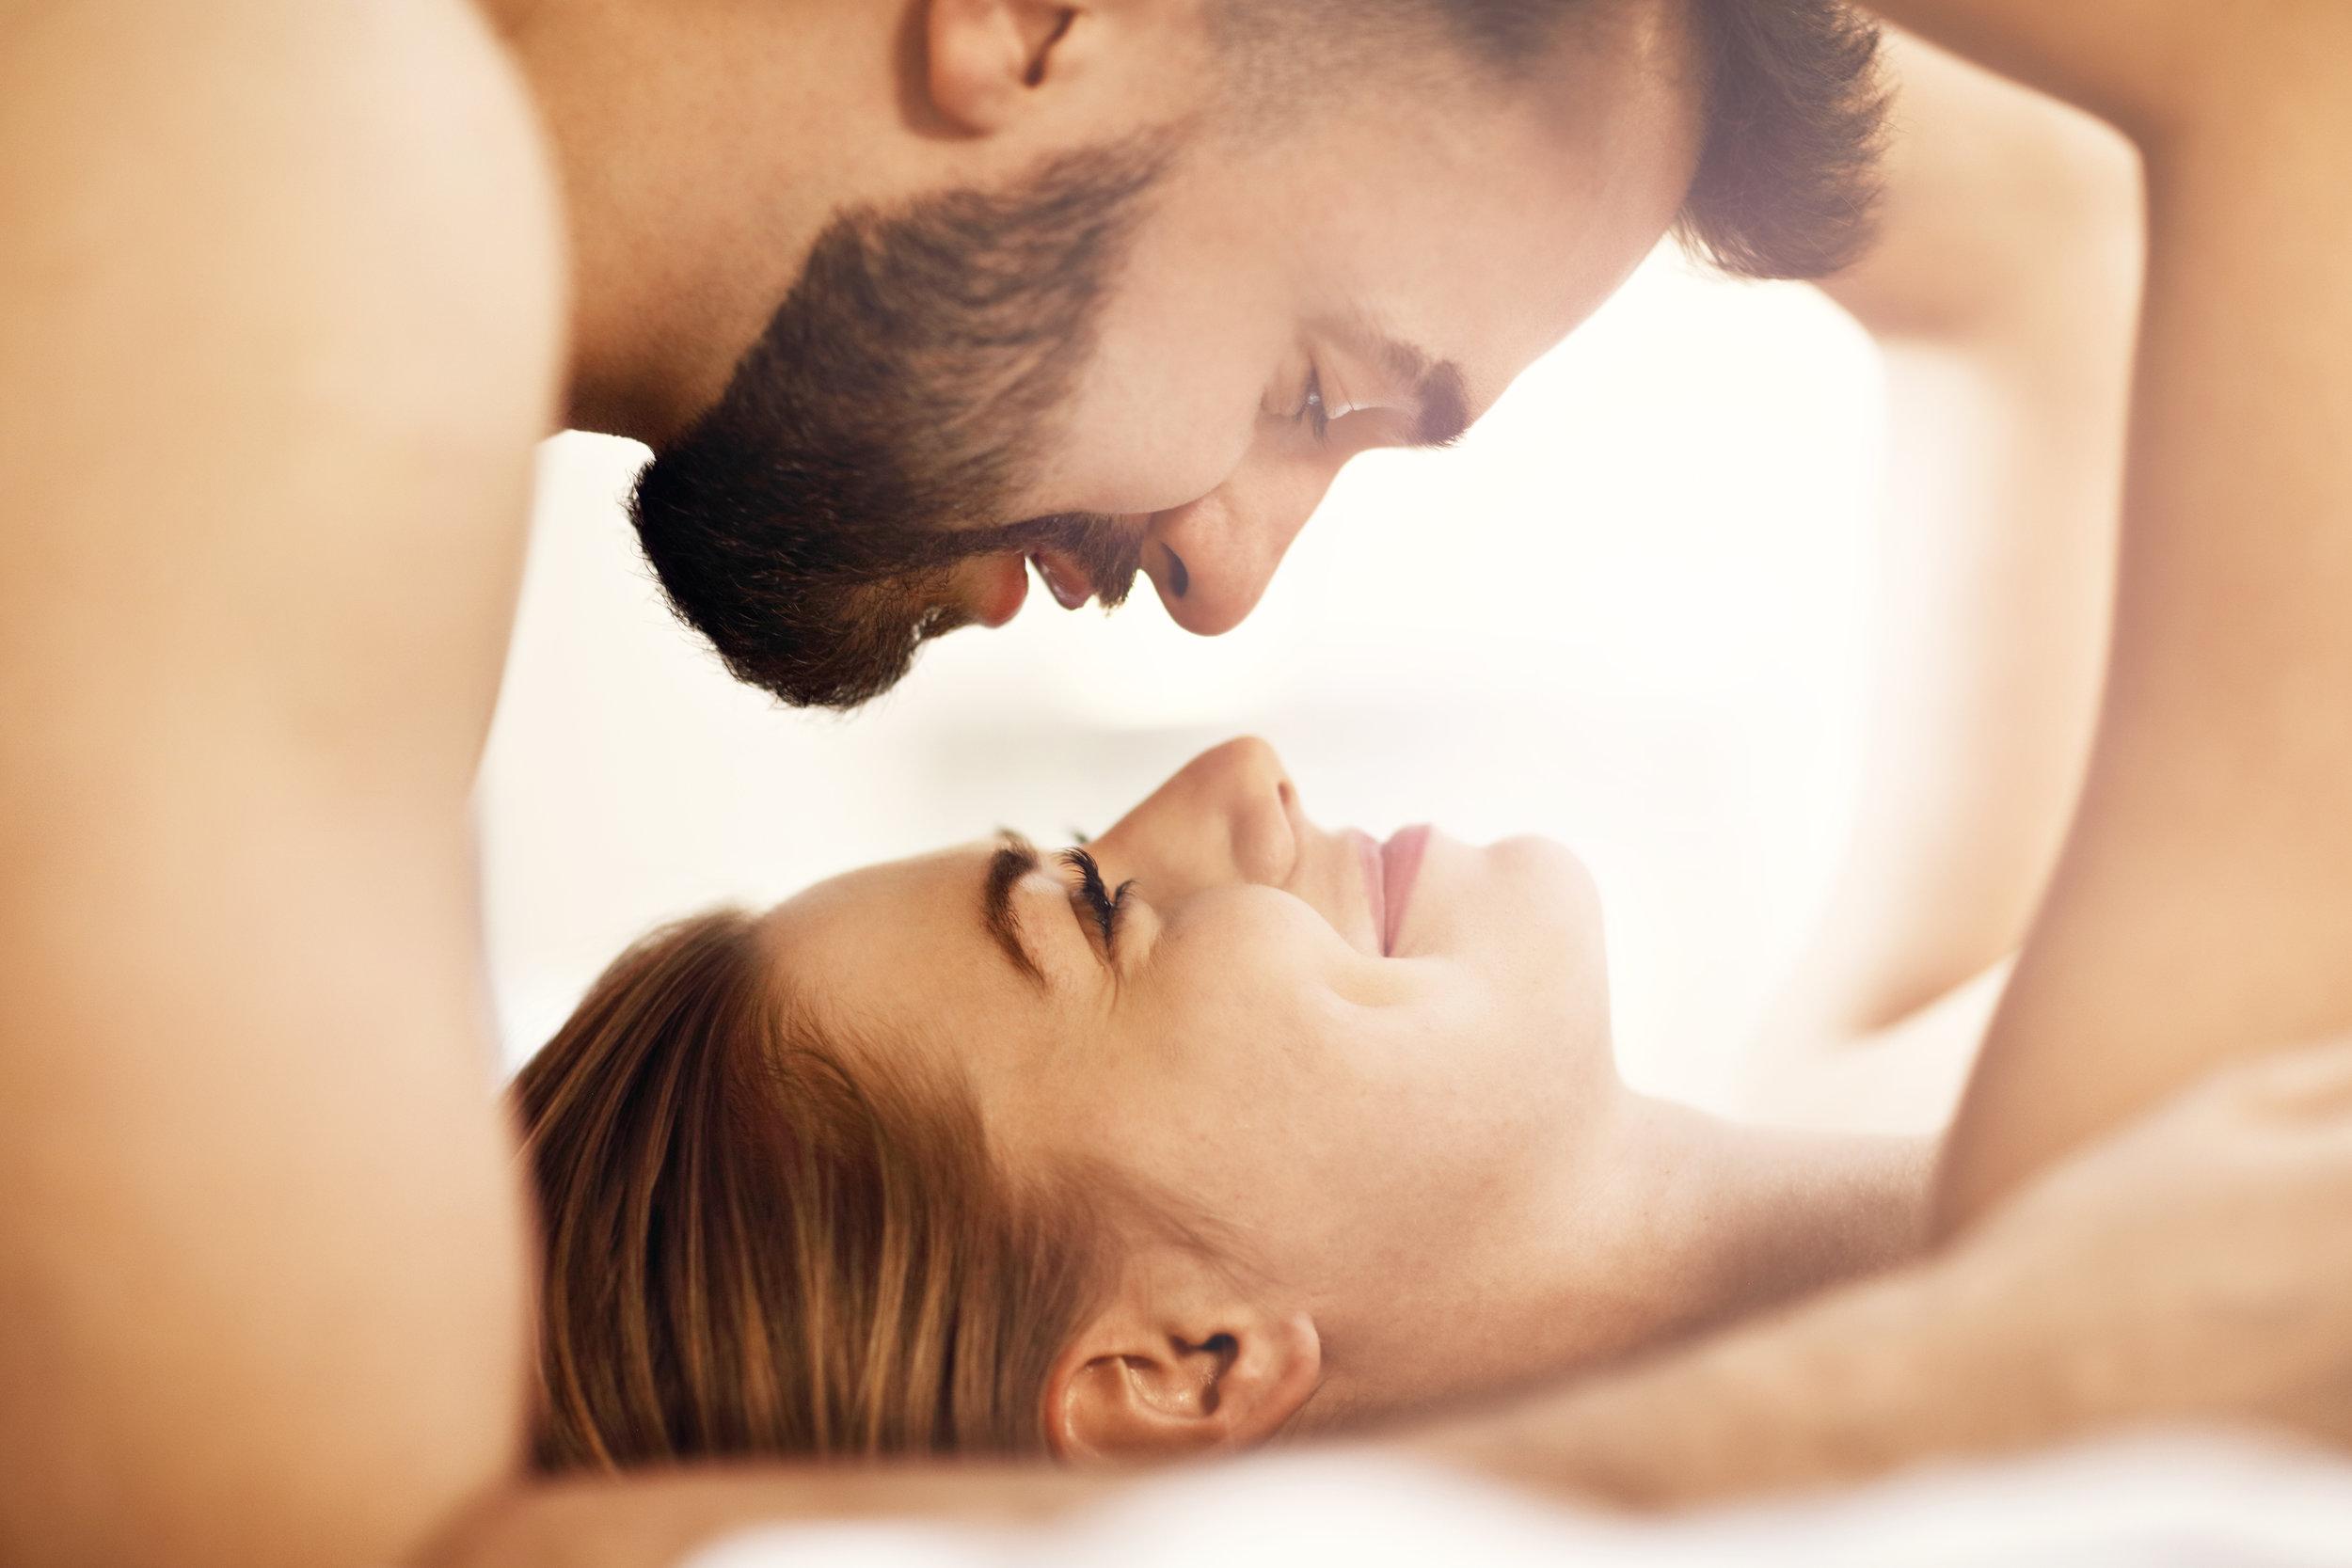 - Il faut se réinventer une sexualité avec des gestes différents…